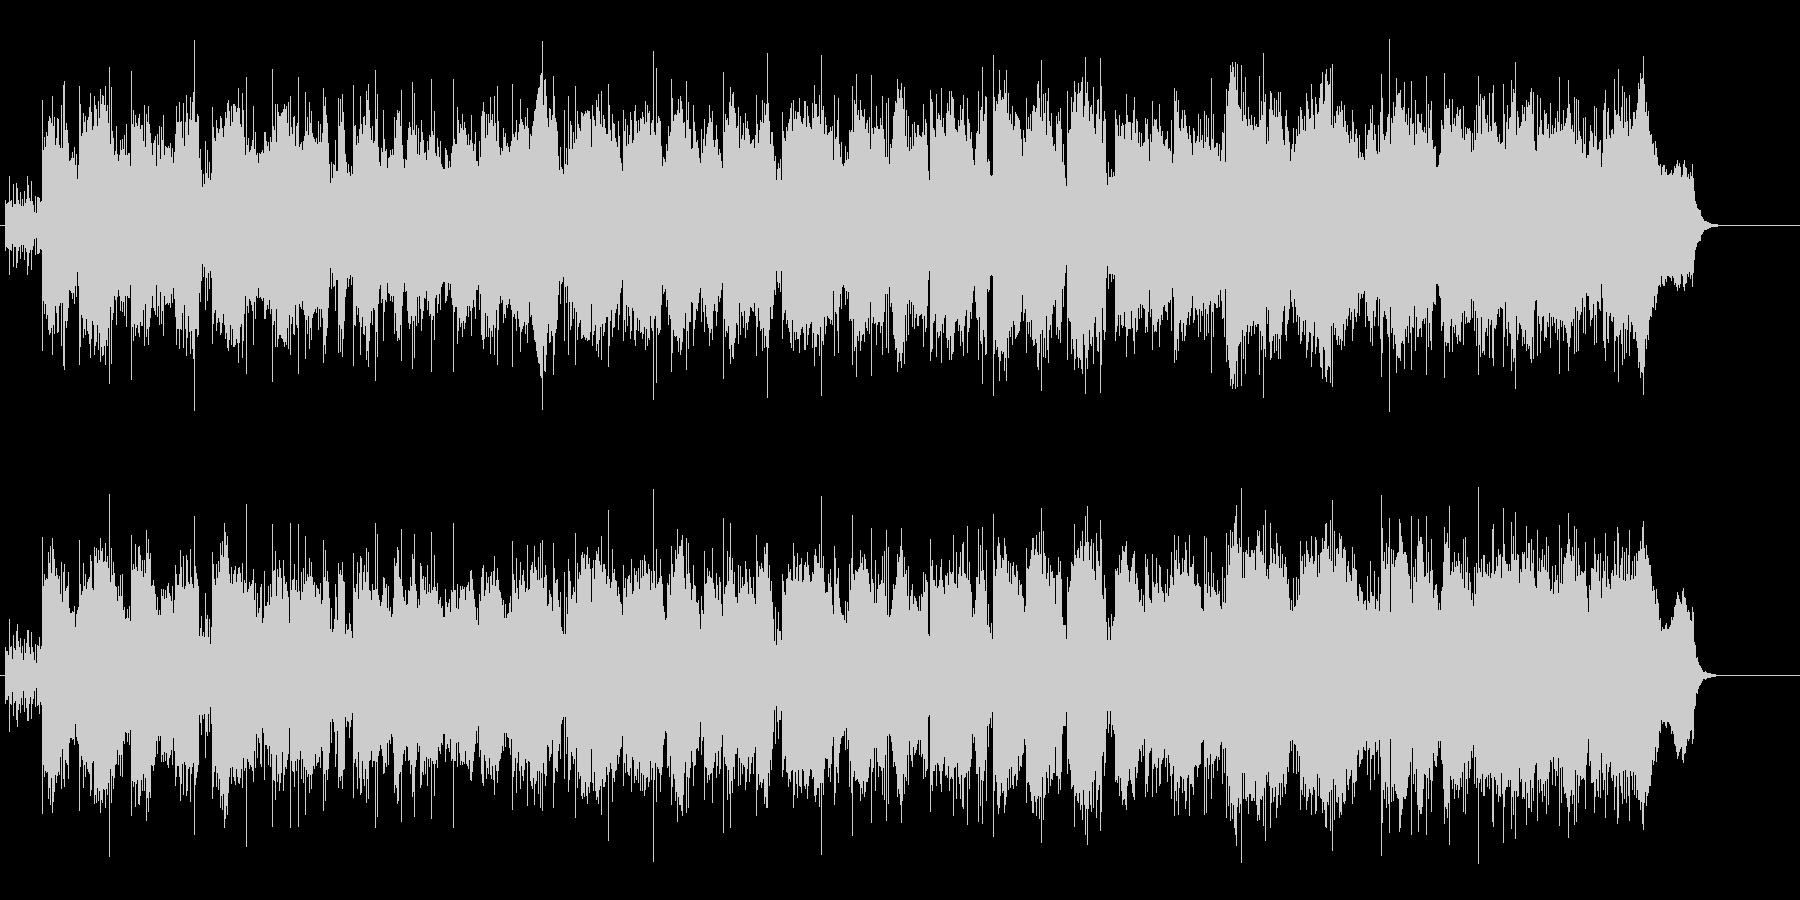 ドキュメント向けシリアス・タッチBGMの未再生の波形